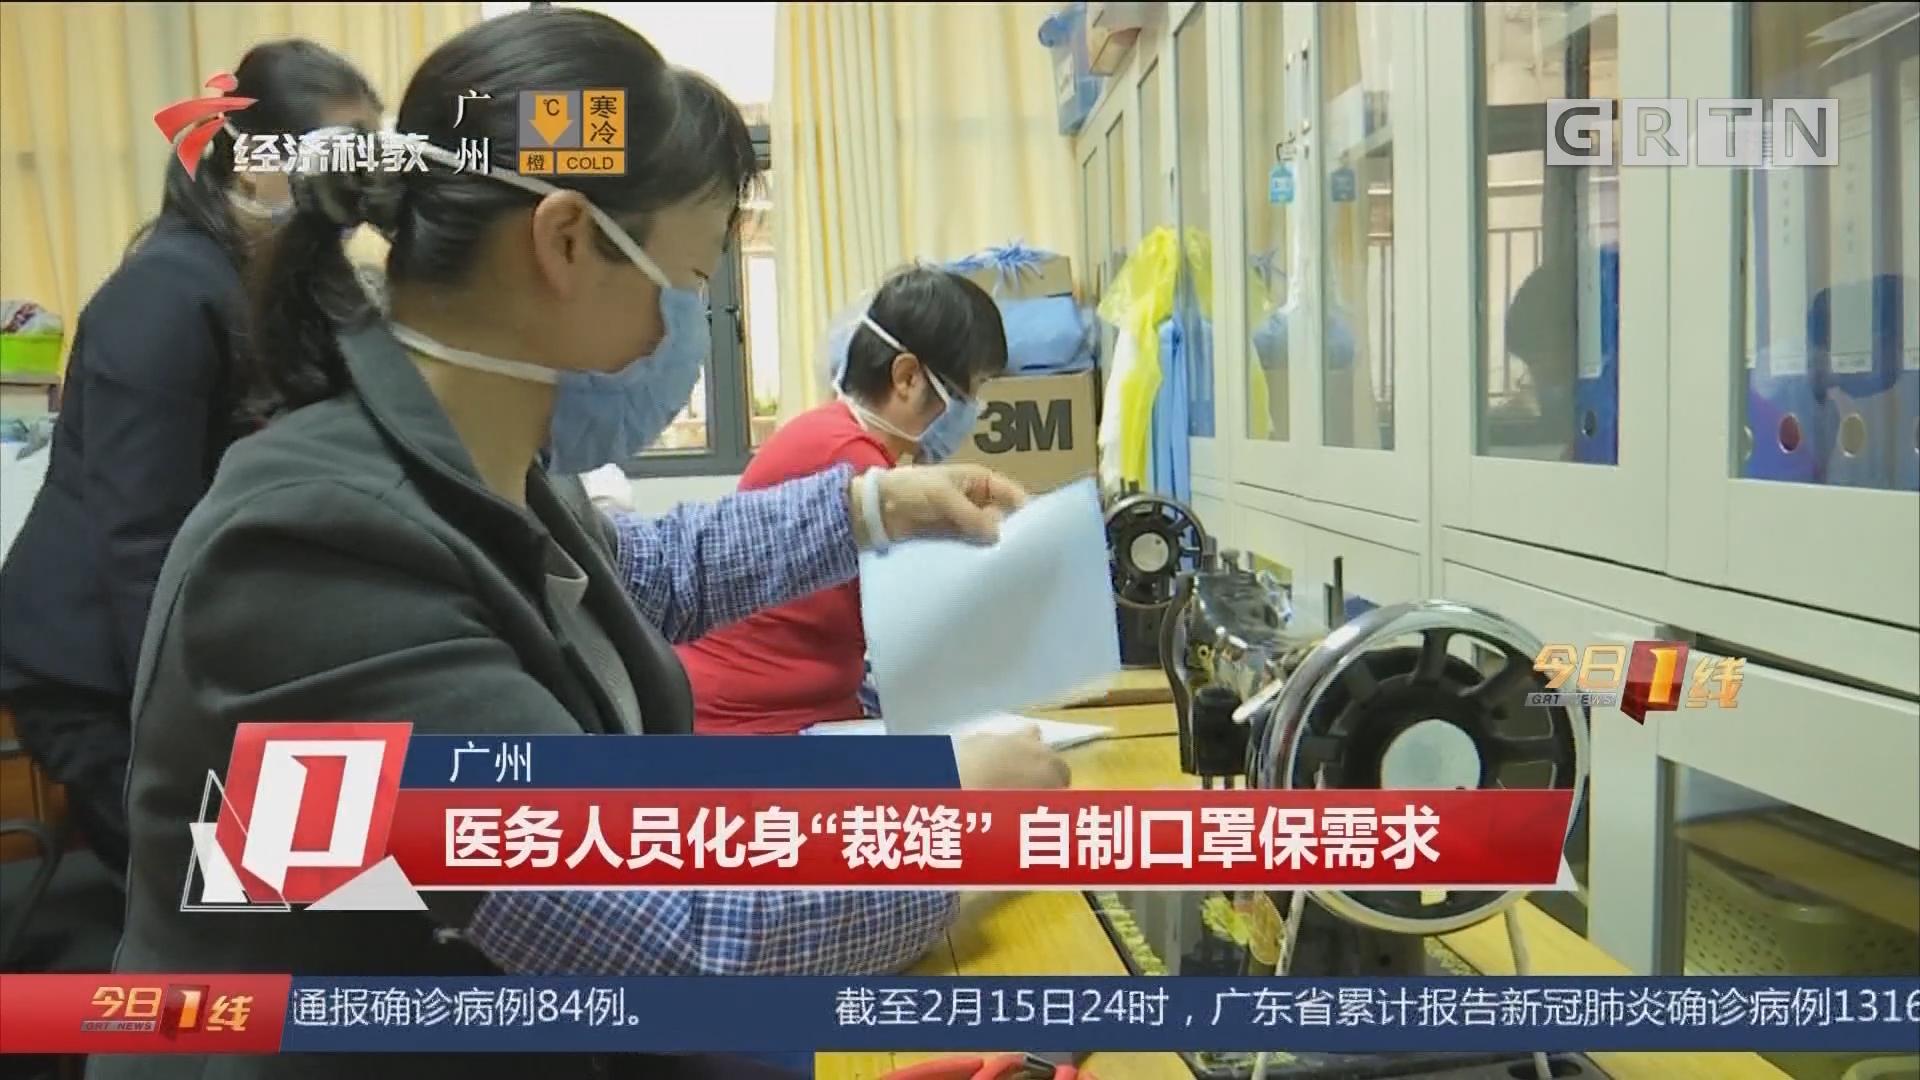 """广州:医务人员化身""""裁缝"""" 自制口罩保需求"""